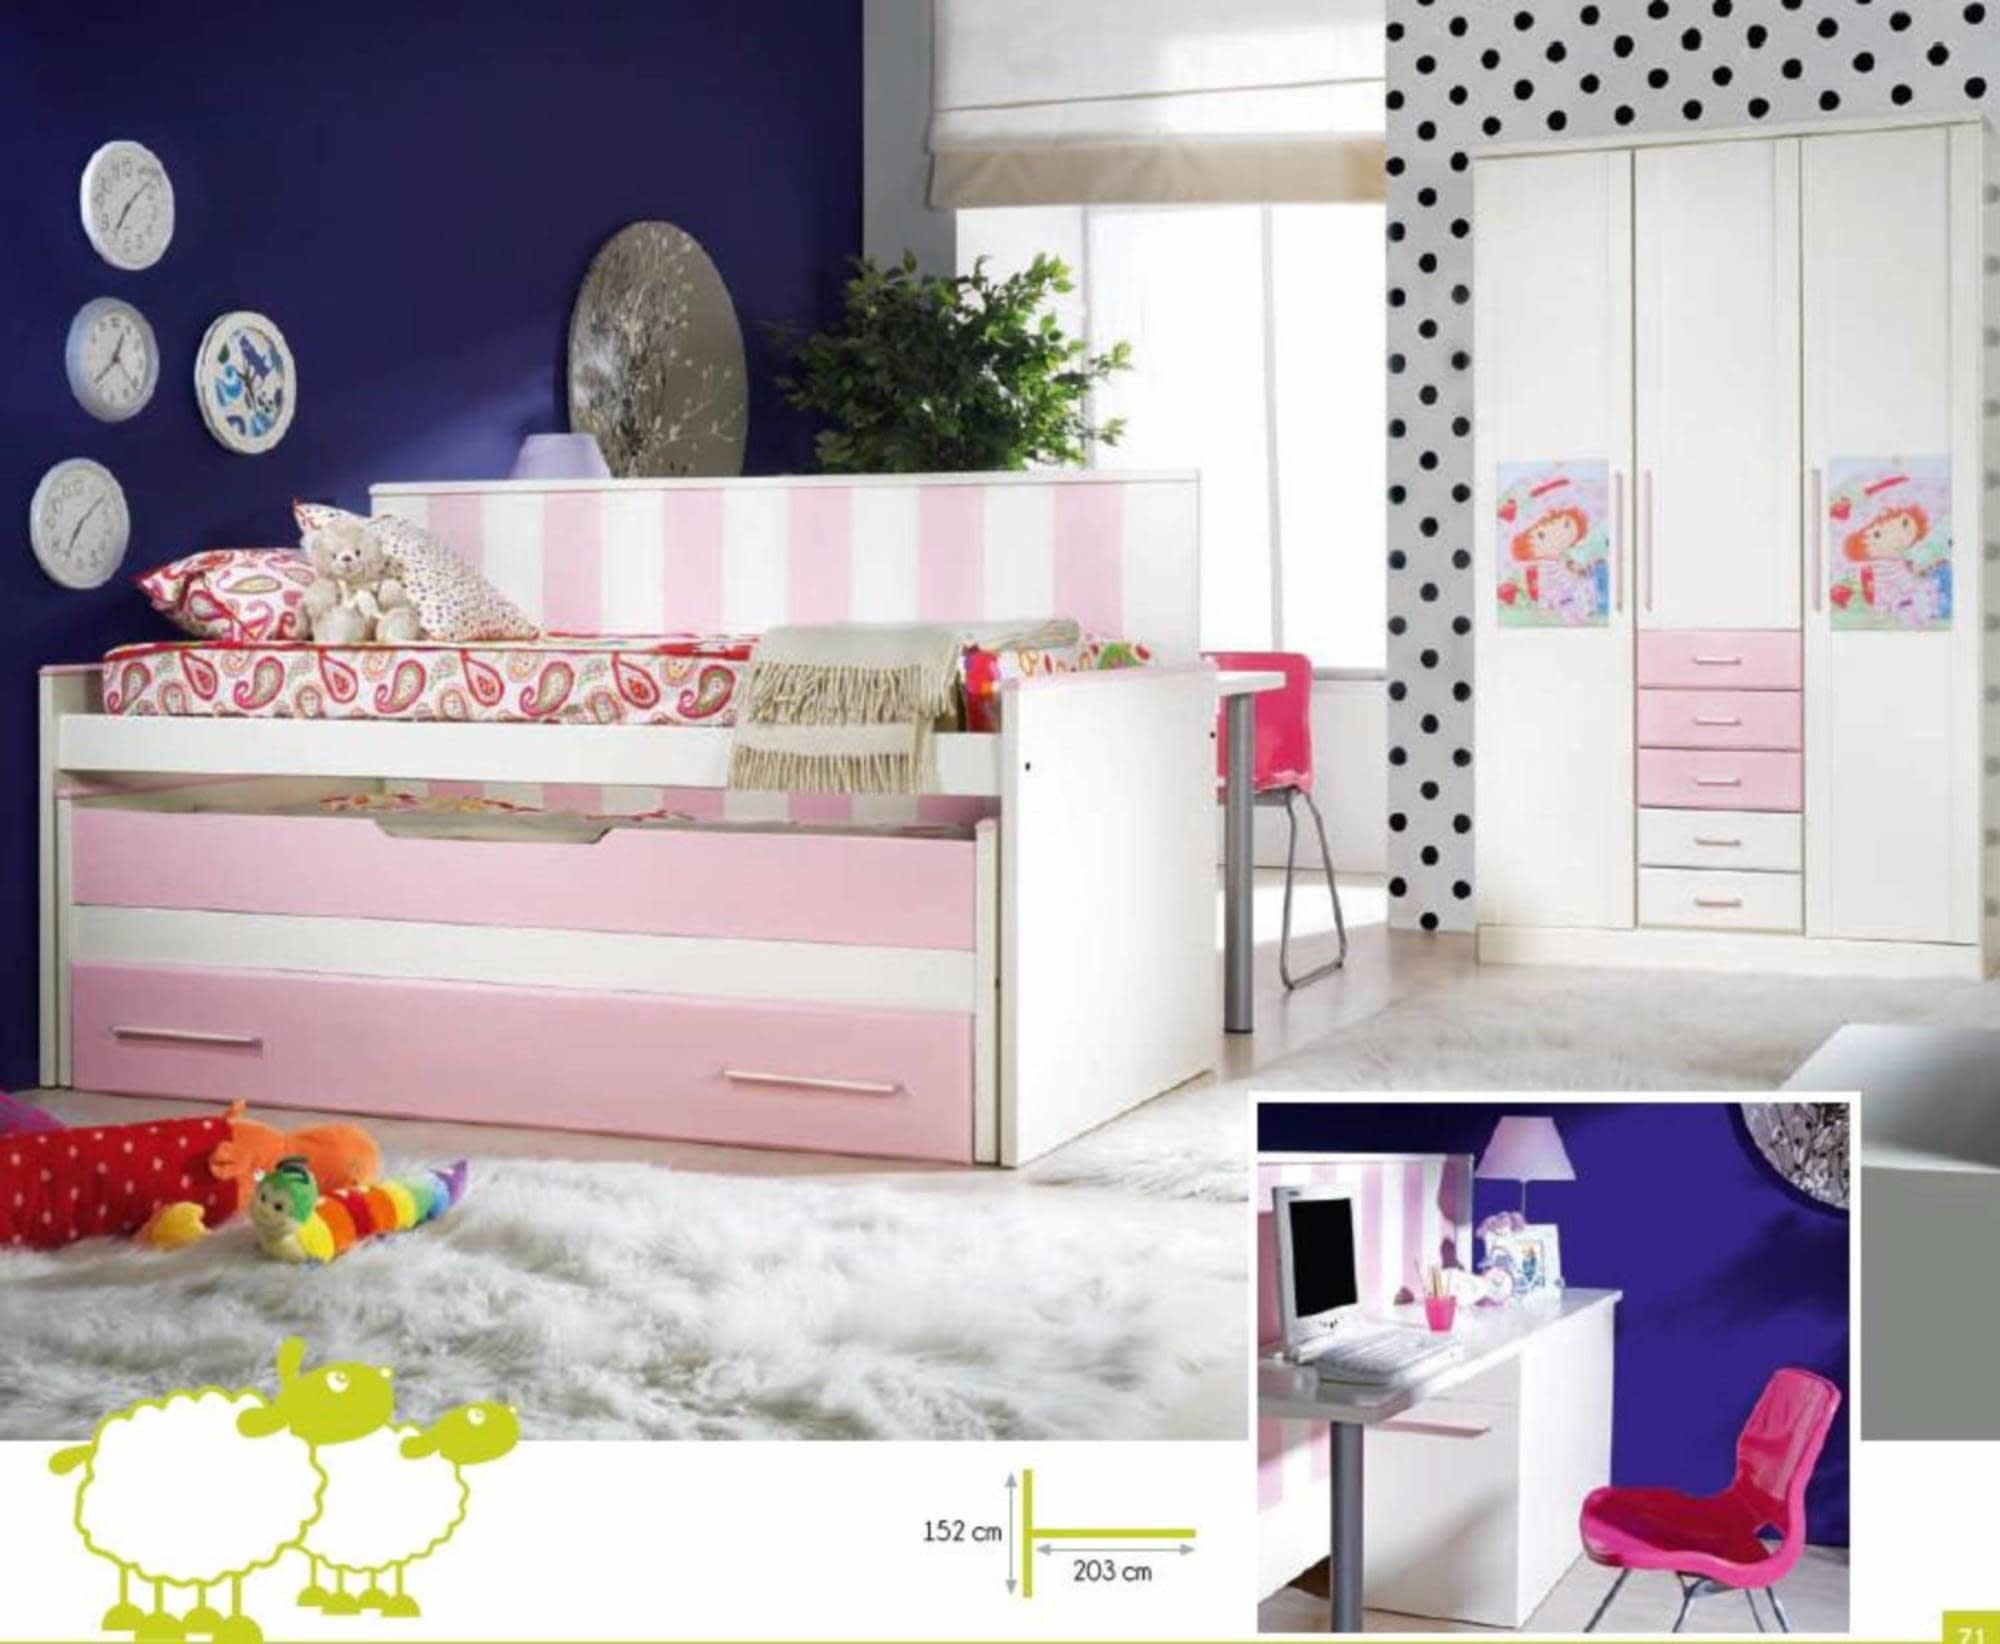 Famoso Cama Mueble Plataforma De Rey Ornamento - Muebles Para Ideas ...